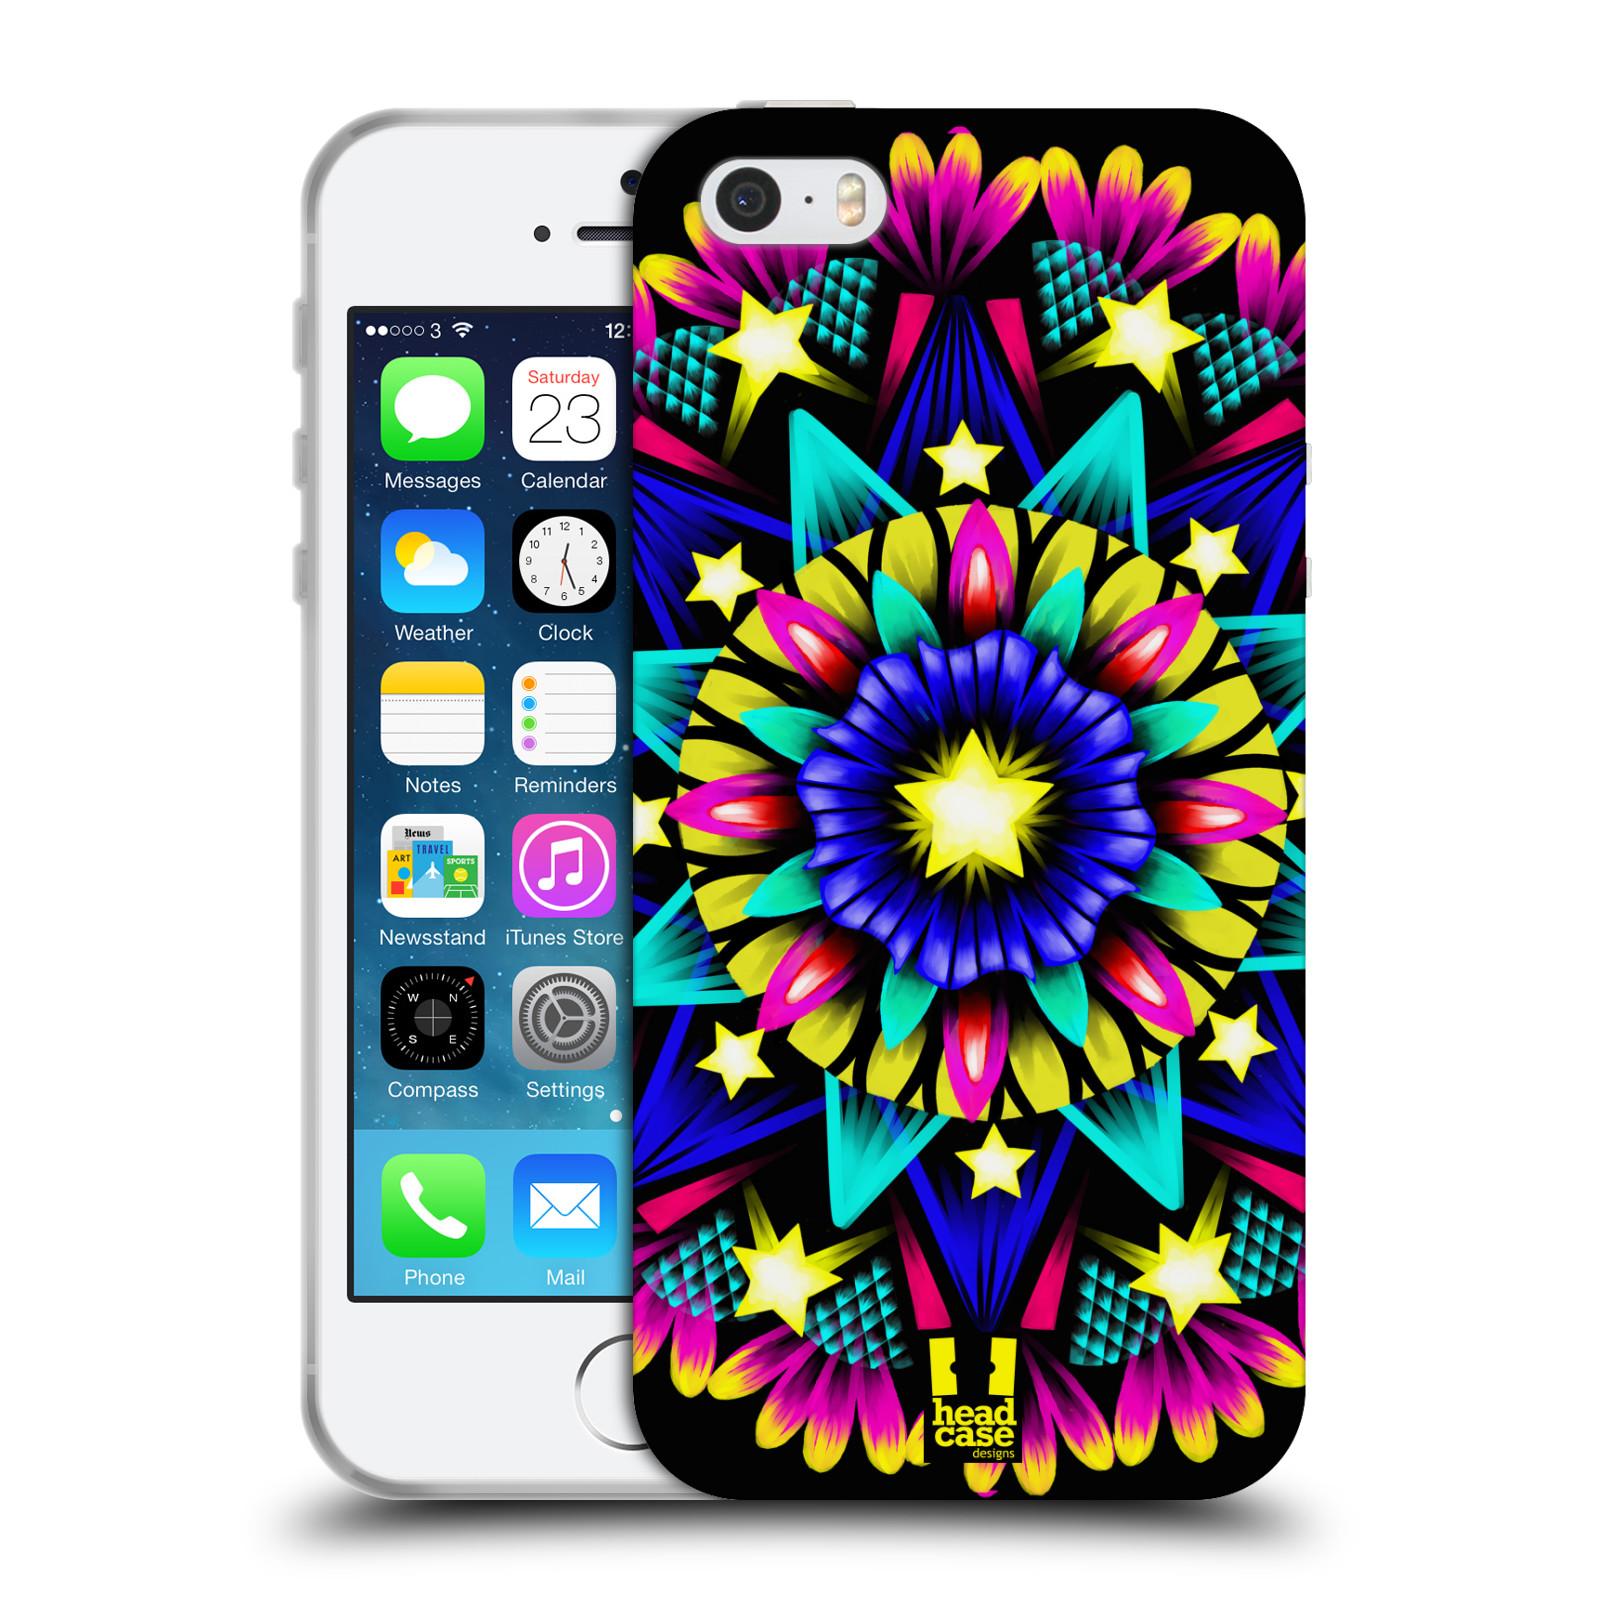 HEAD CASE silikonový obal na mobil Apple Iphone 5/5S vzor Indie Mandala kaleidoskop barevný vzor HVĚZDA